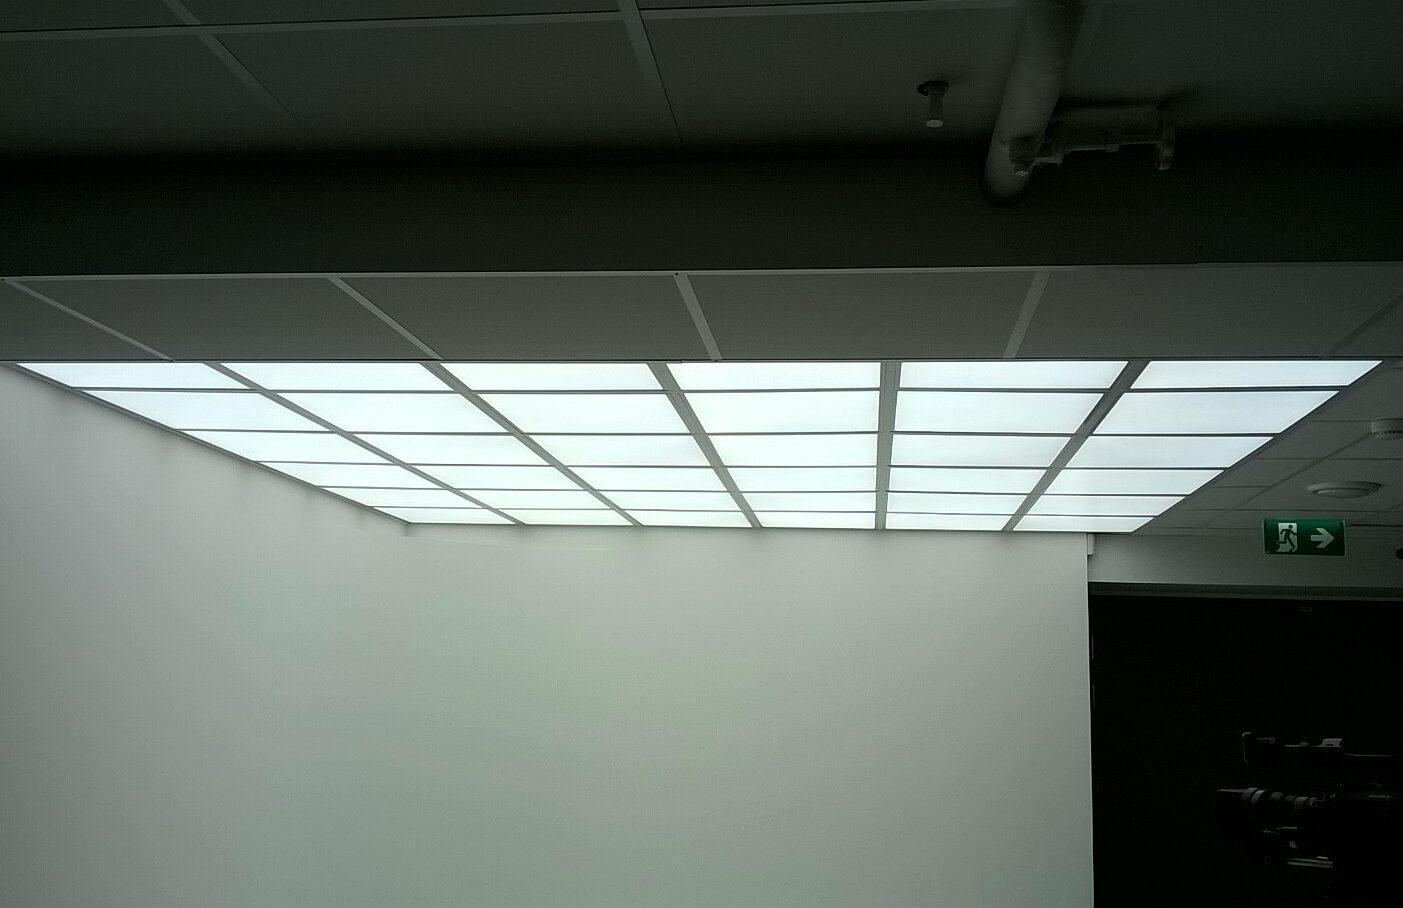 Studio soft ECM100